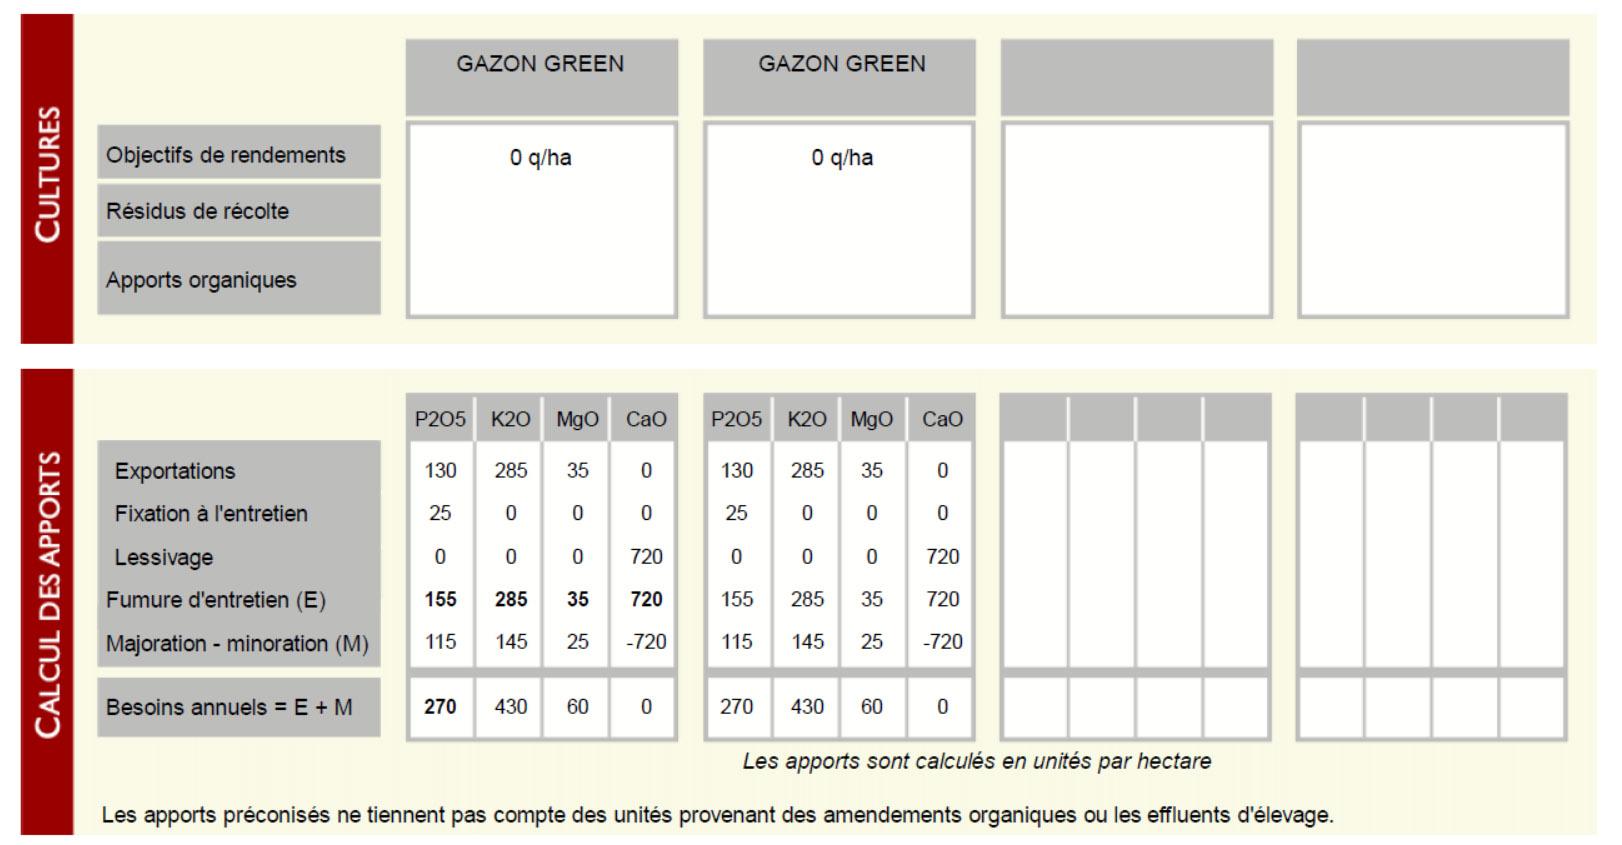 Recommandations de fertilisation d'un laboratoire pour un green de golf